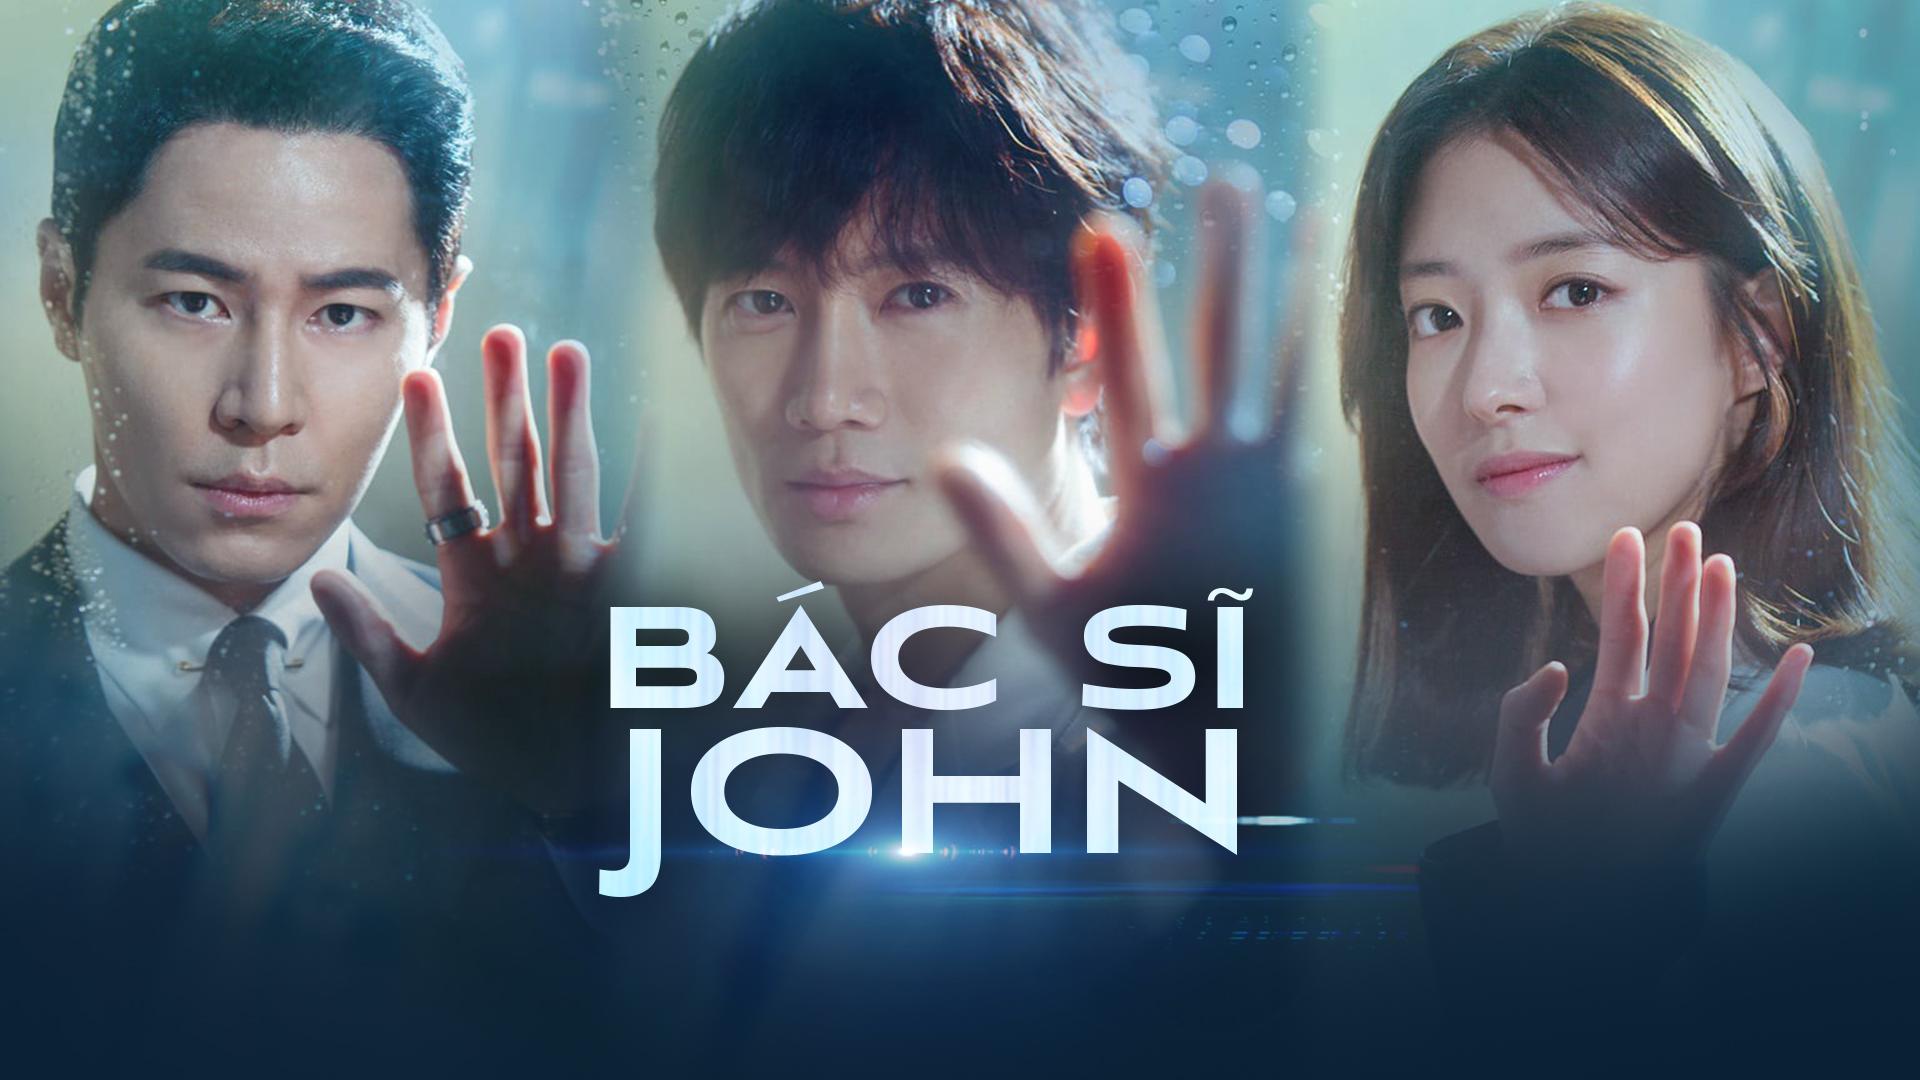 Top phim Hàn Quốc về đề tài bác sĩ hot nhất những năm gần đây - Ảnh 2.